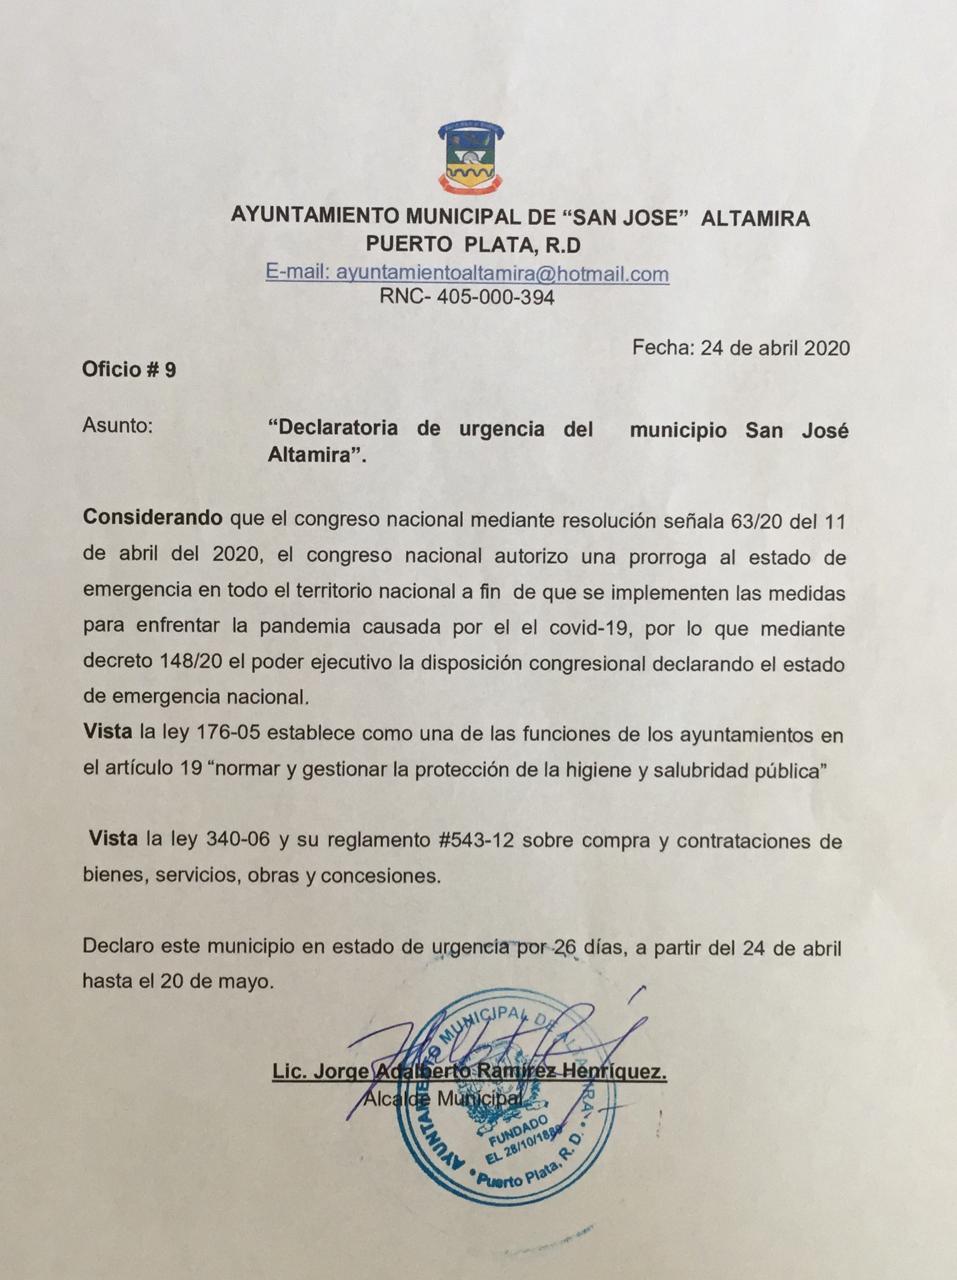 Decreto de Urgencia del Municipio San Jose Altamira